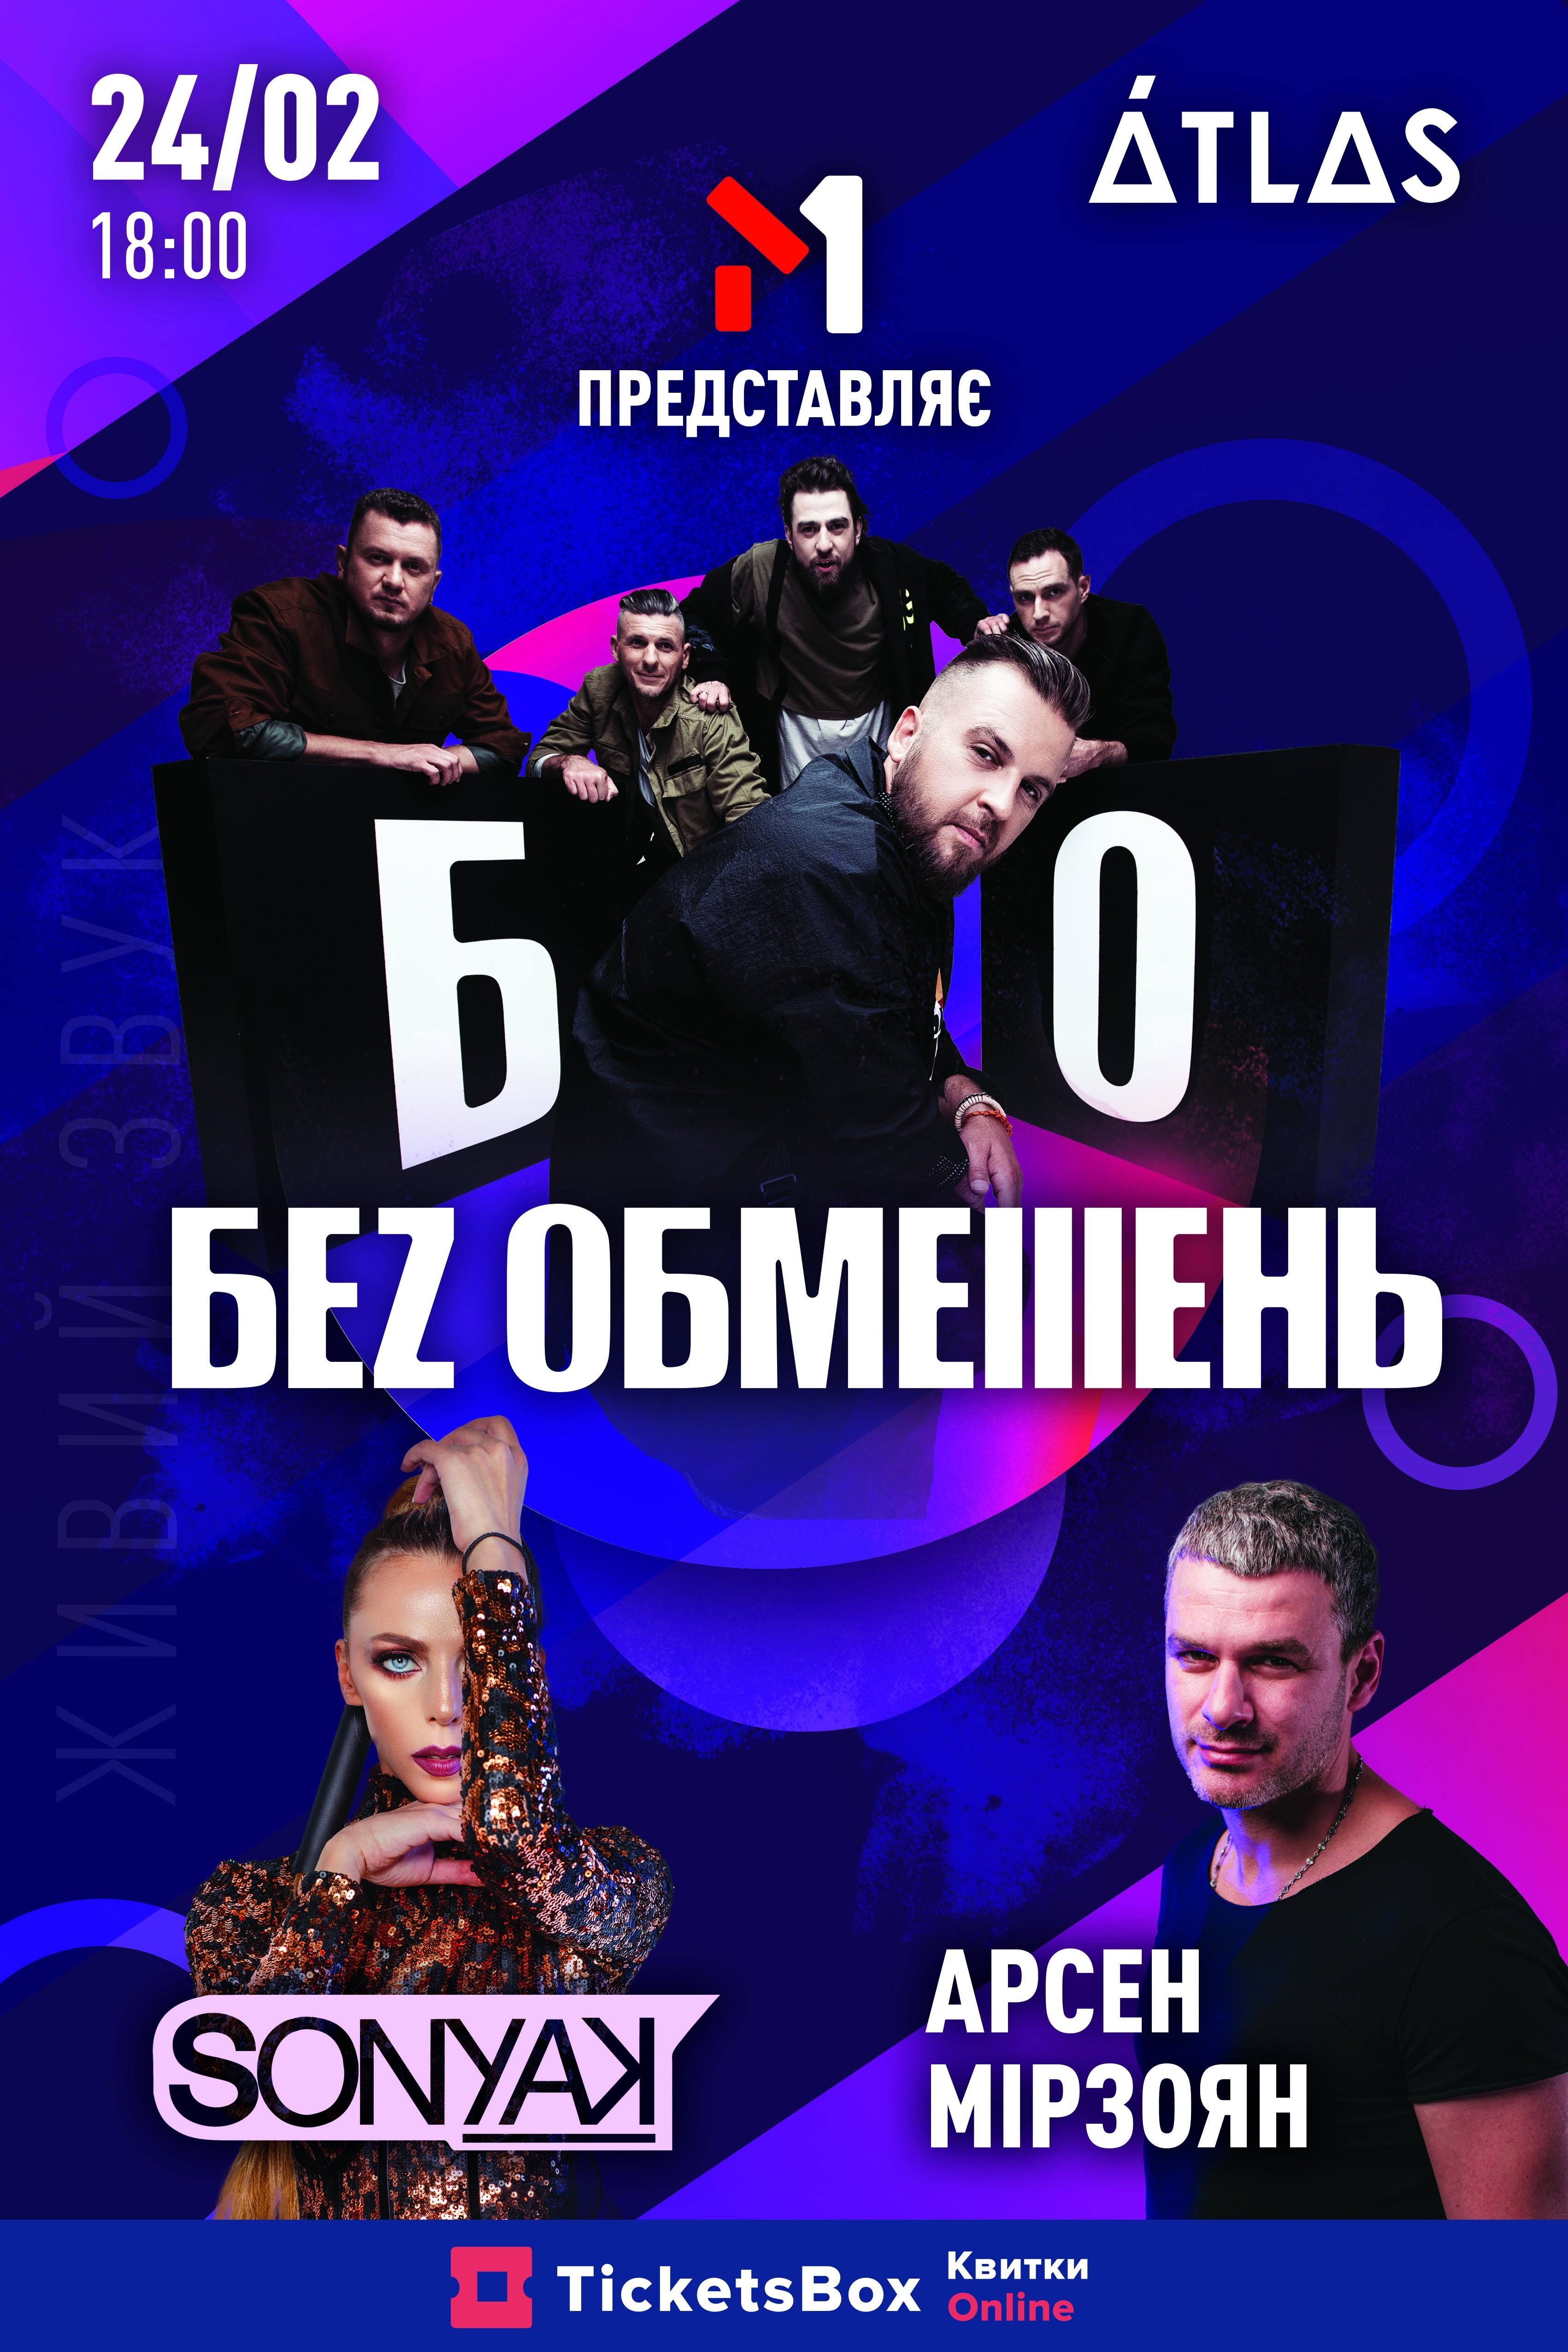 Билеты Беz Обмежень, Арсен Мірзоян та Sonya Kay